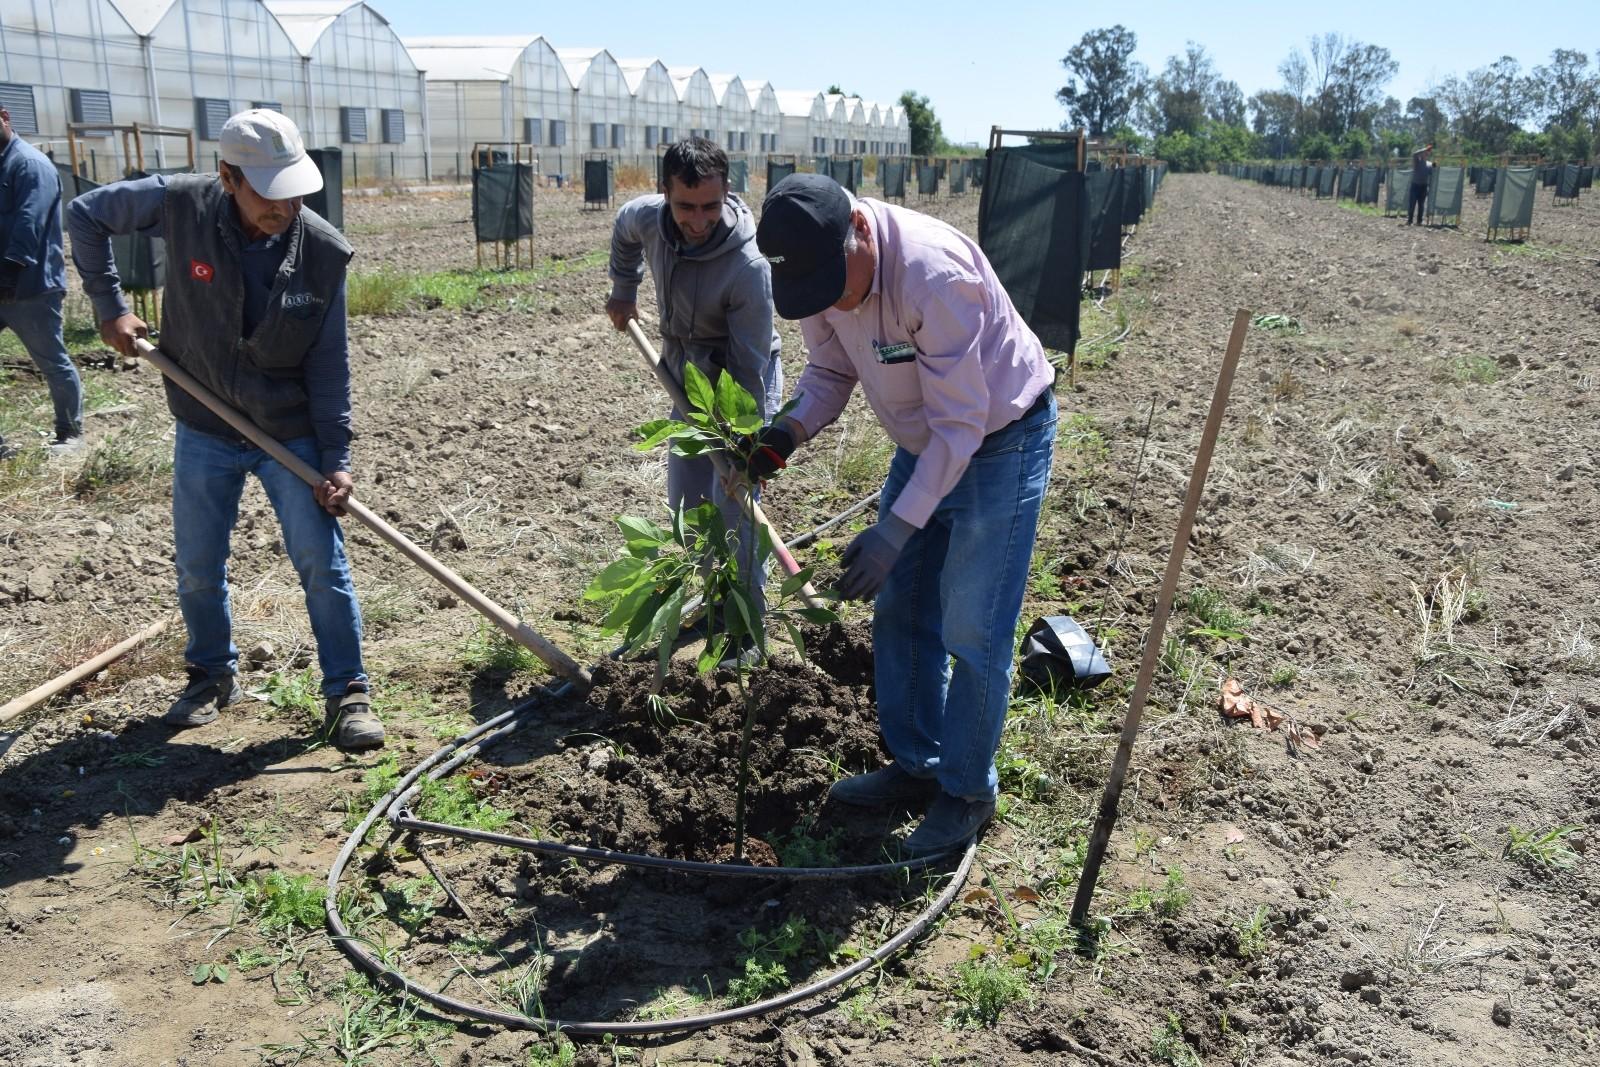 (ÖZEL) Sofraların vazgeçilmez lezzeti avokadoya talep arttı, ekim alanları genişletildi